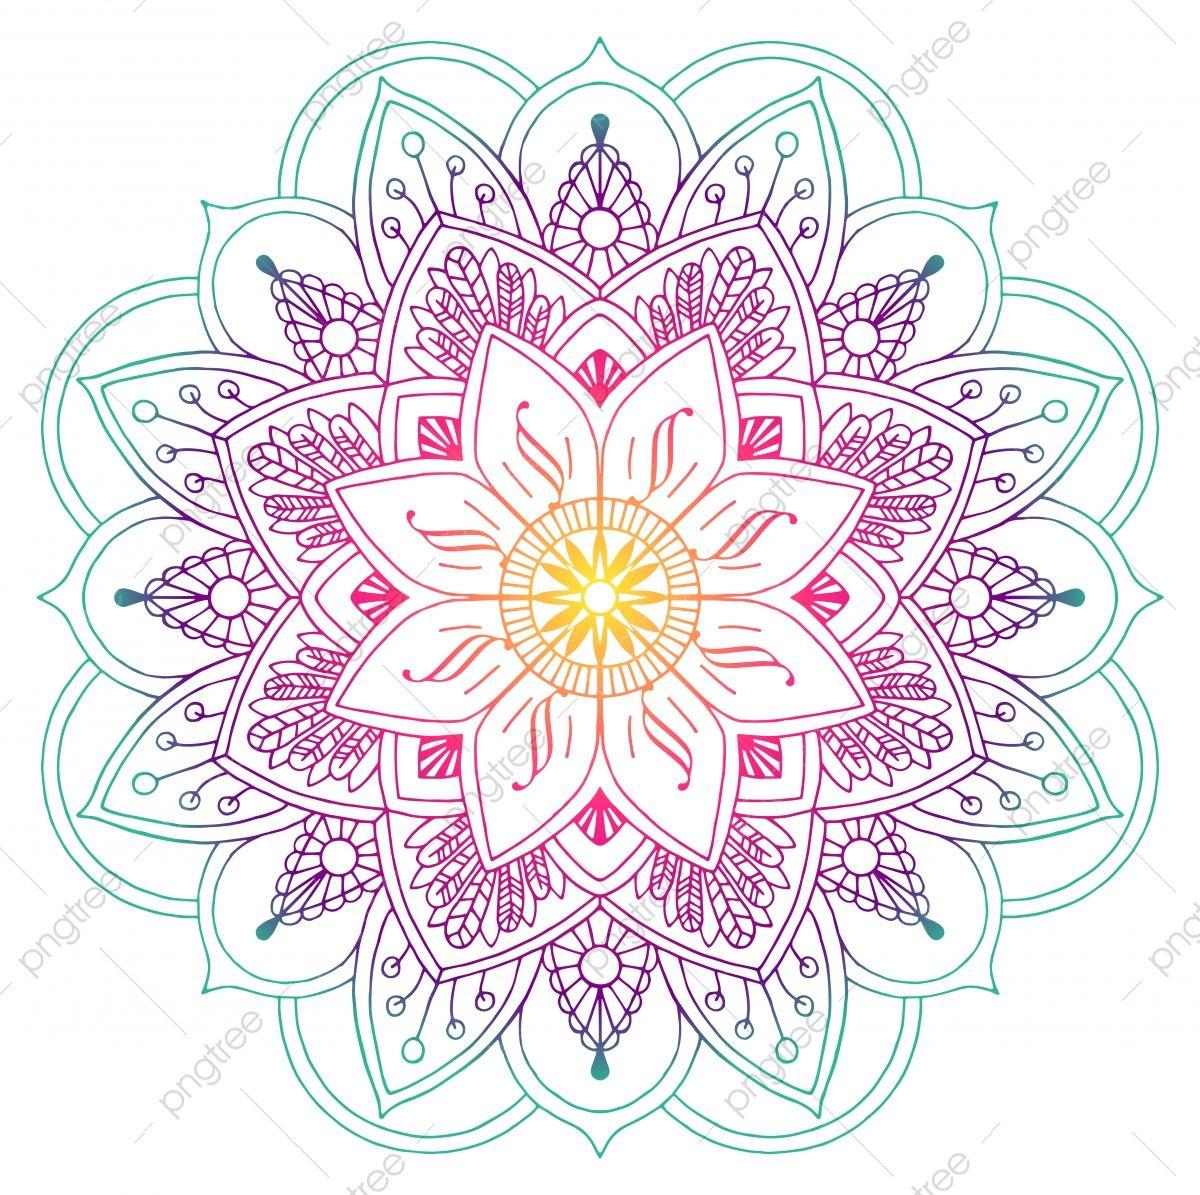 Mandala Decorativa De Color Durazno Y Verde Mandala Mandala De Vector Mandala Ornamental Png Y Vector Para Descargar Gratis Pngtree Dibujos De Colores Mandalas Tipos De Mandalas